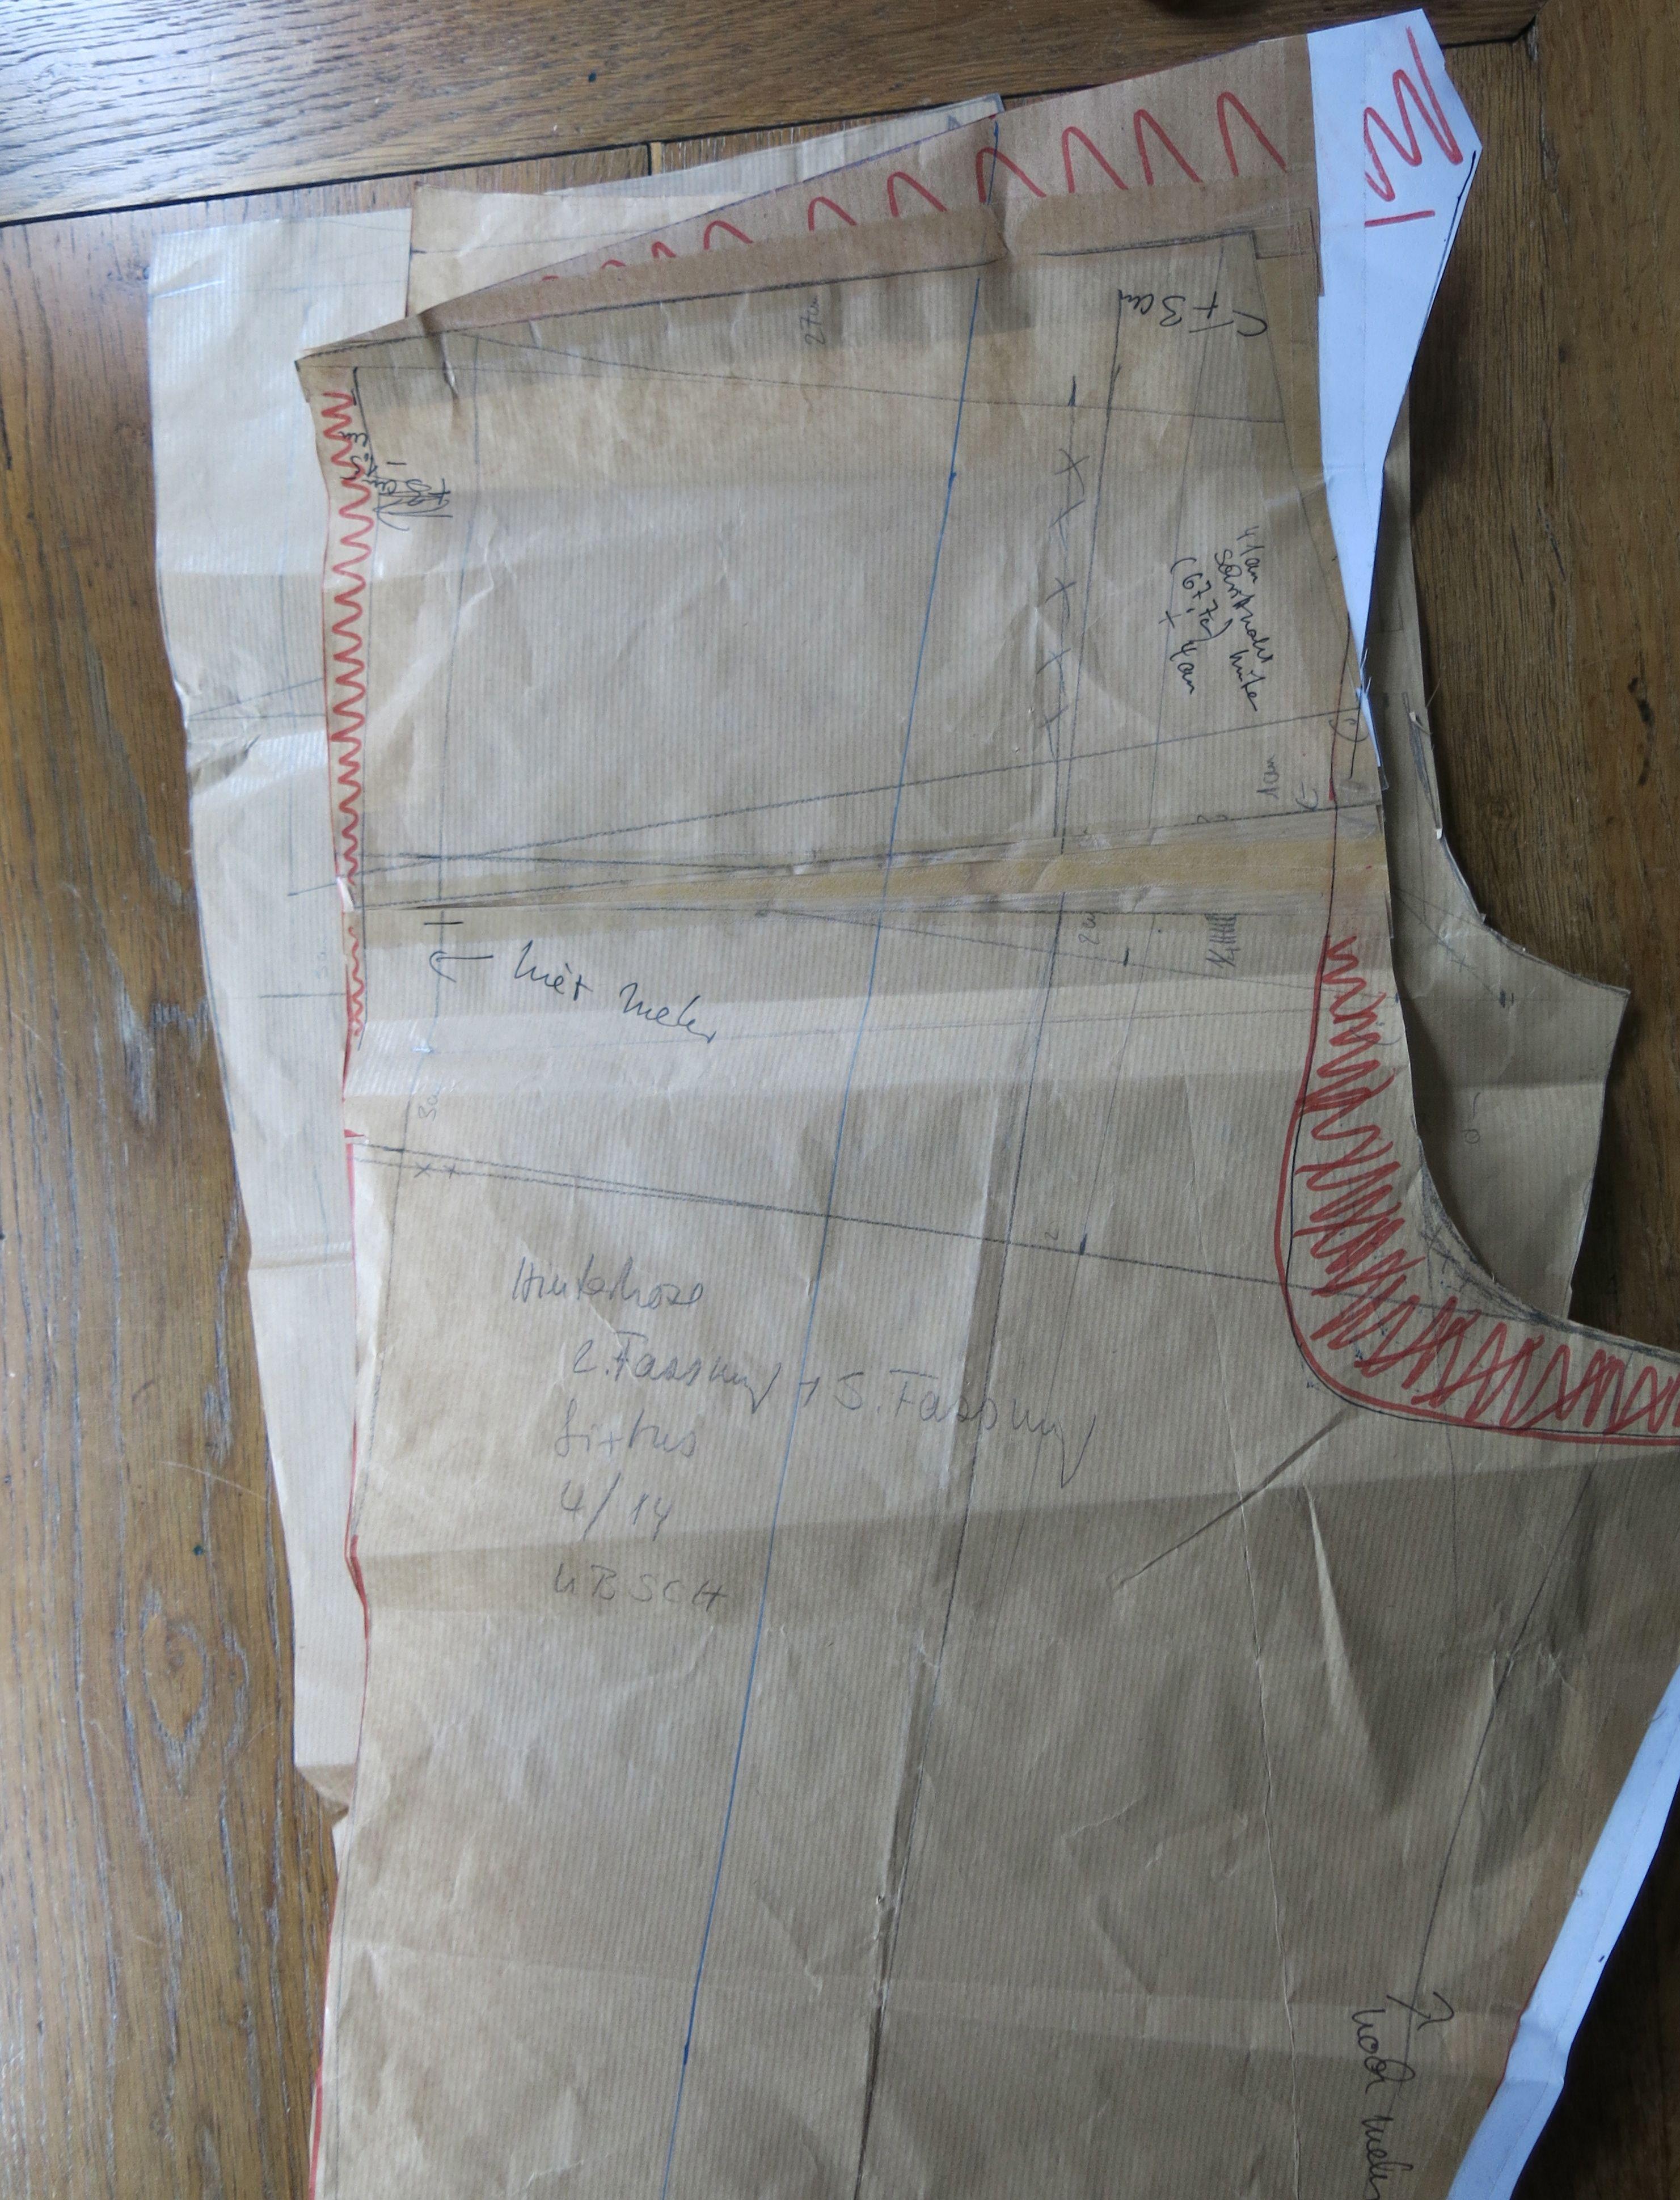 Hosen konstruieren auf Papier 2